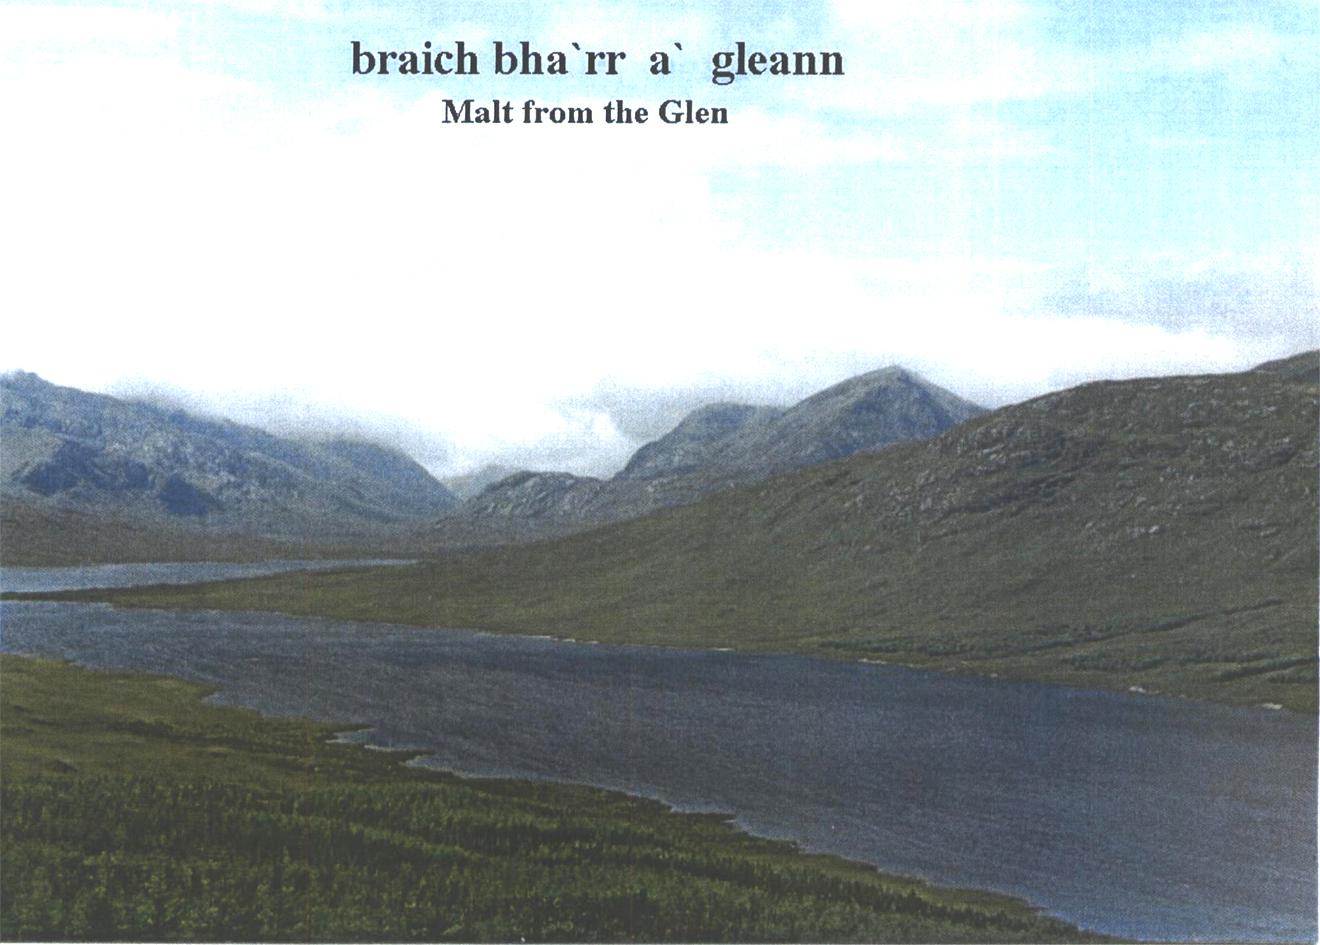 braich bha'rr a' gleann Malt from the Glen